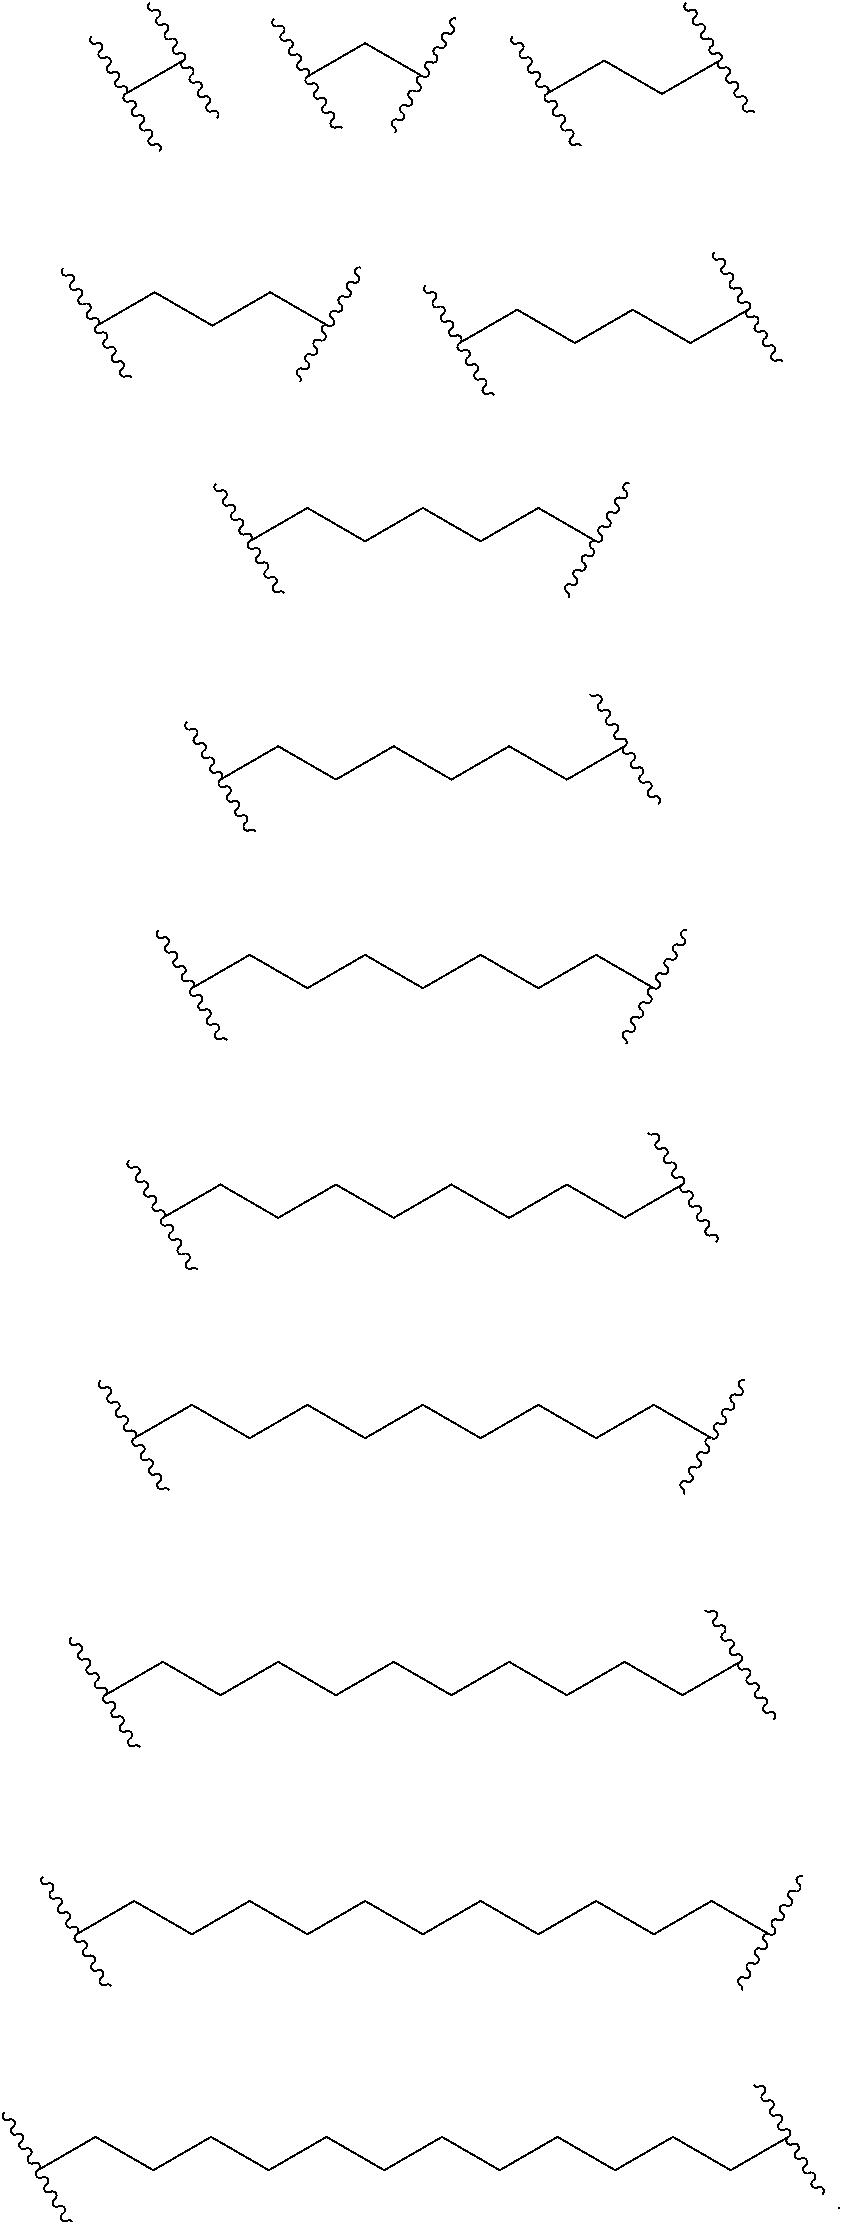 Figure US09340786-20160517-C00007